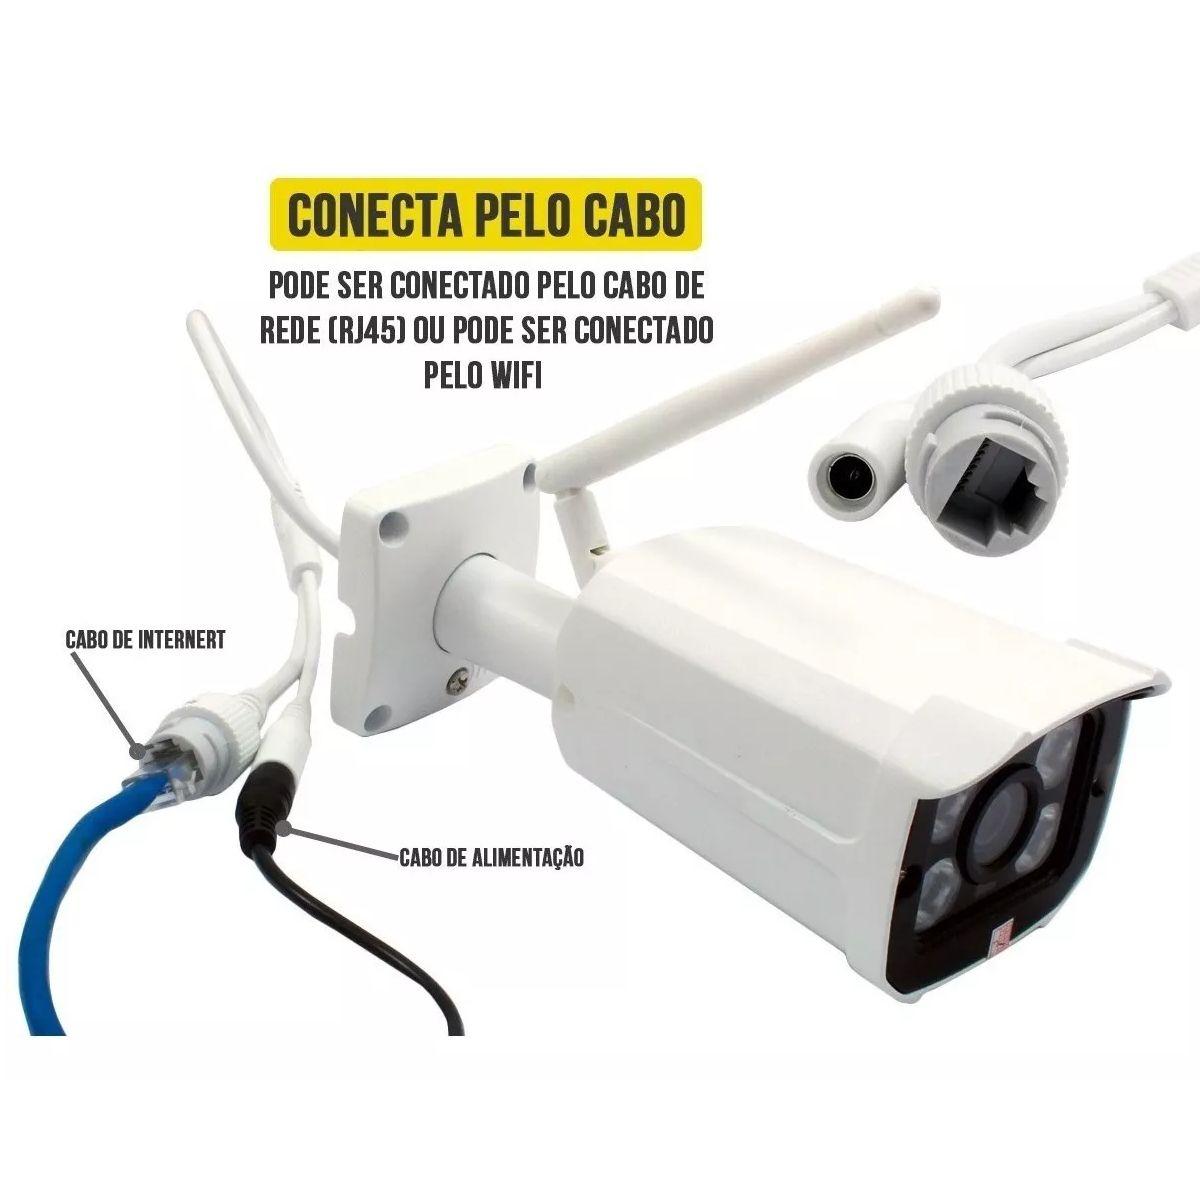 Câmera de Segurança IP CFTV / CCTV 2.0 mp C/ Infravermelho Bullet 1080P 3.6mm Jortan